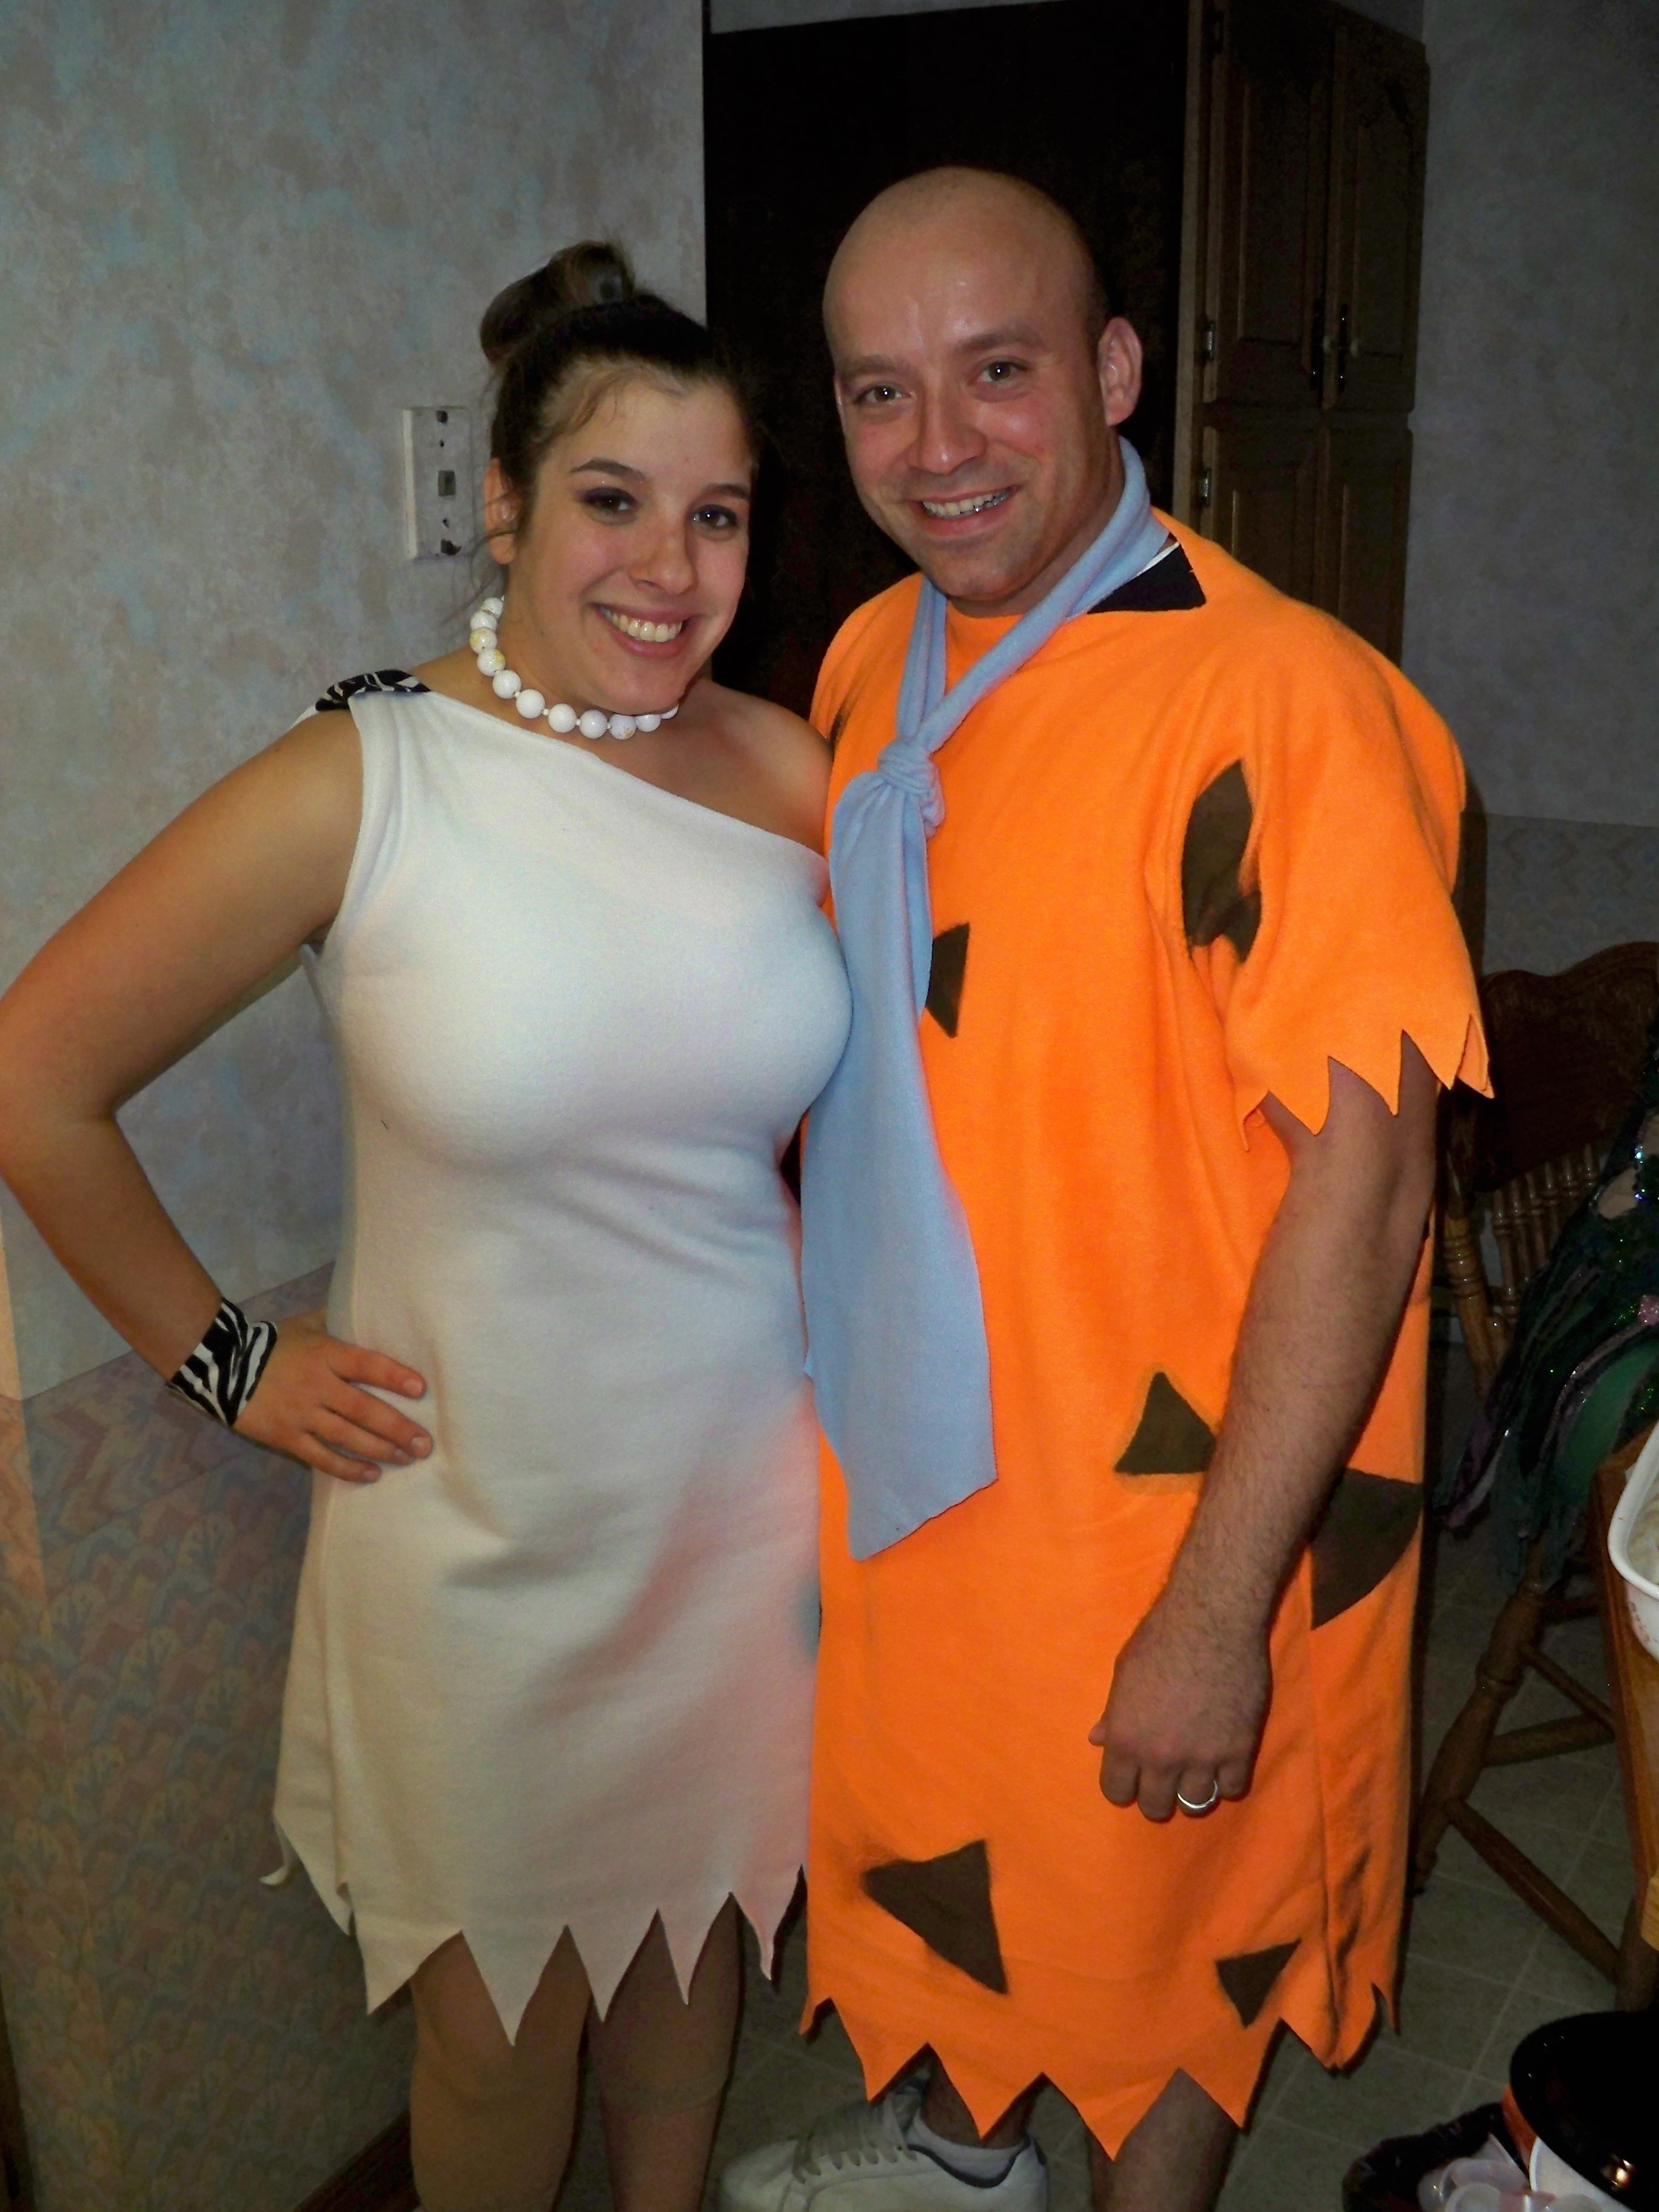 The Flintstones Costumes  Adventures In Life-8769